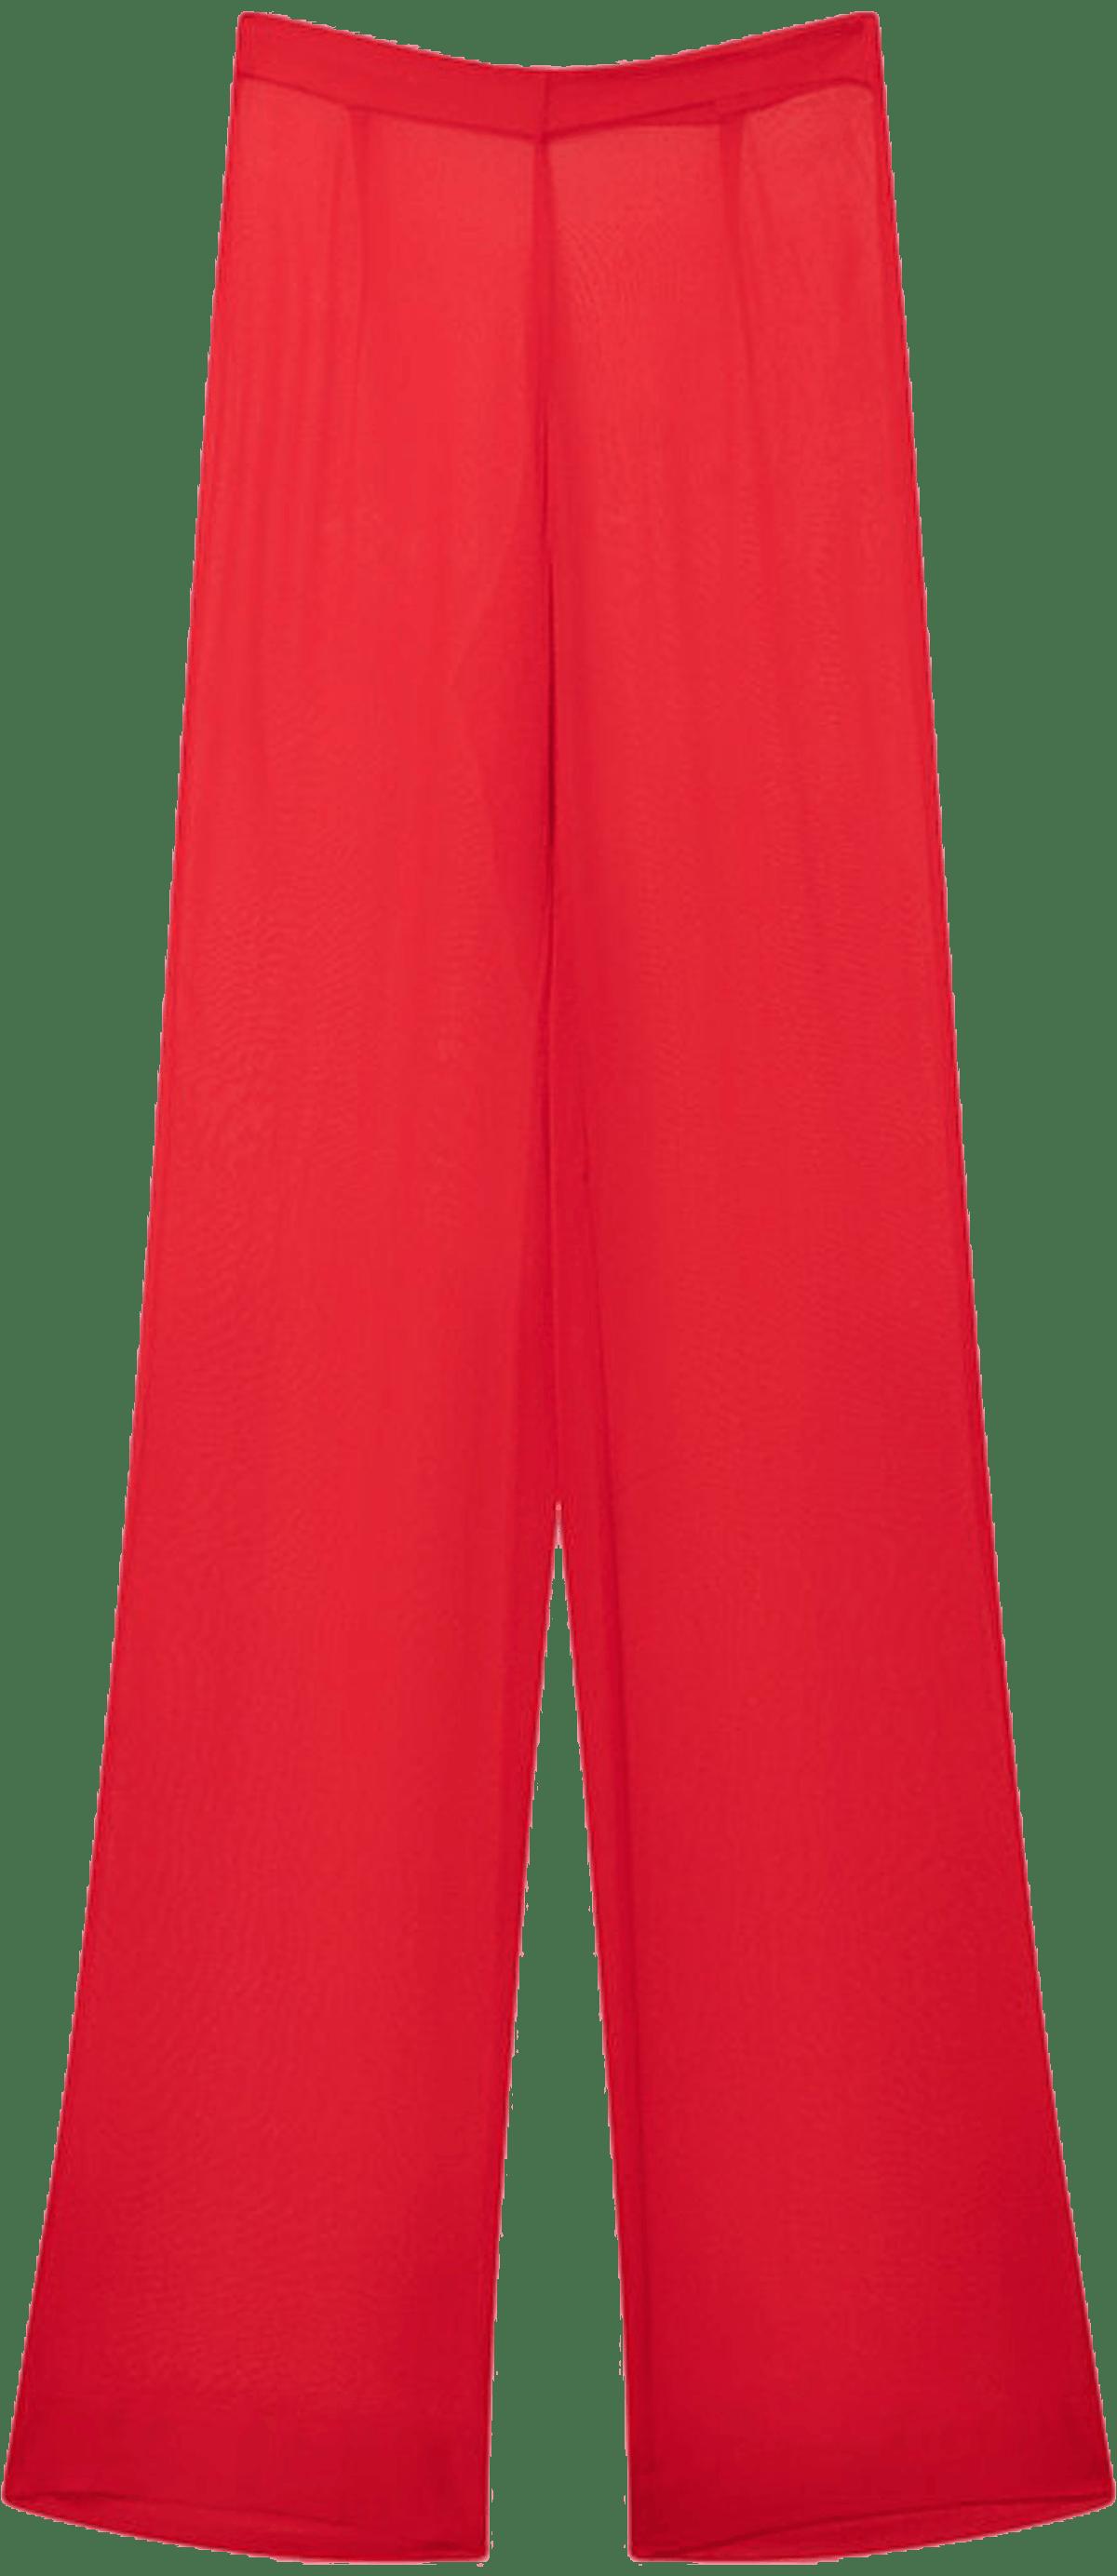 Chiffon Pants